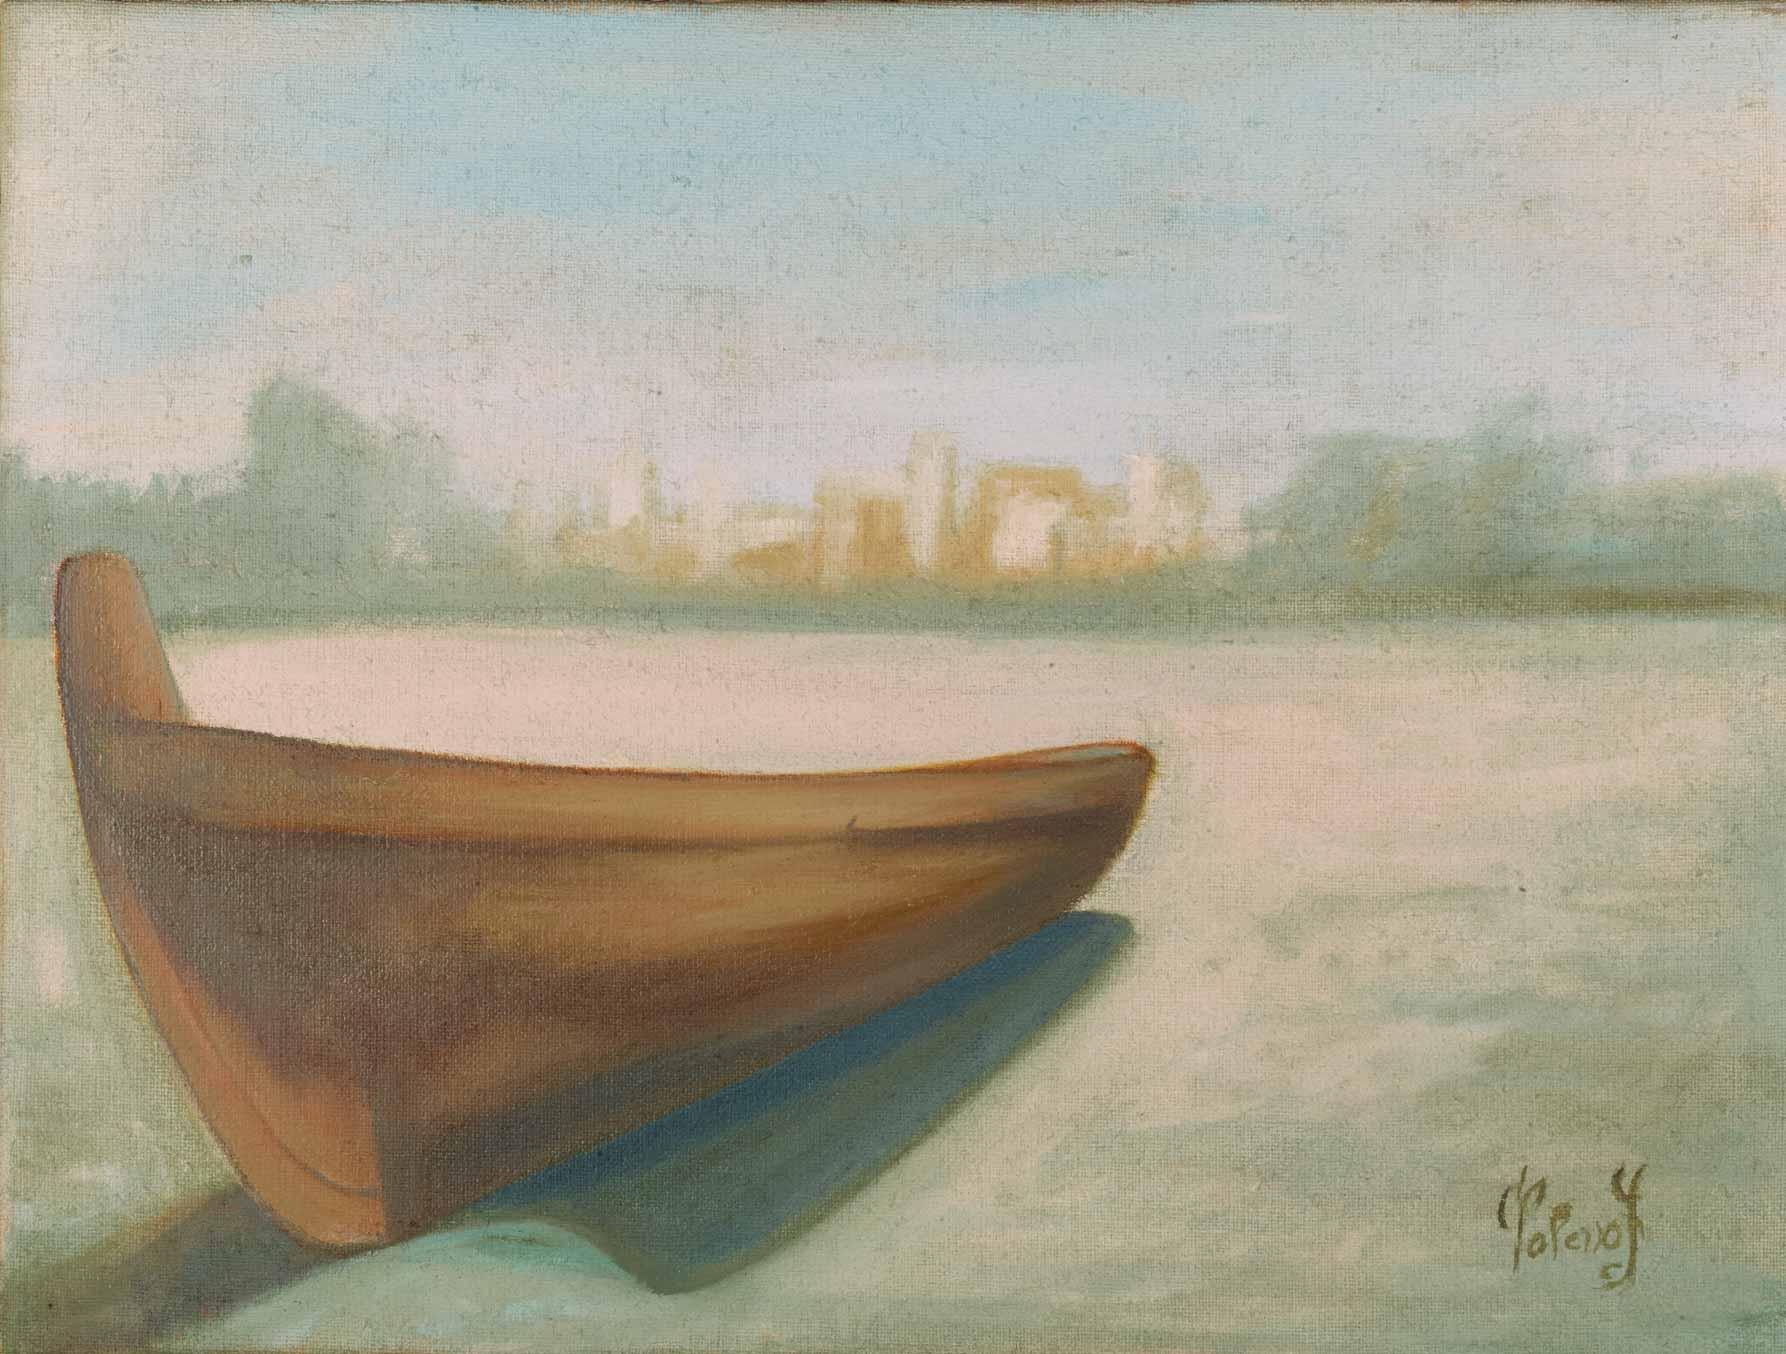 quadro barca, olio su tela, pittore chiarista polesso fulvio milano